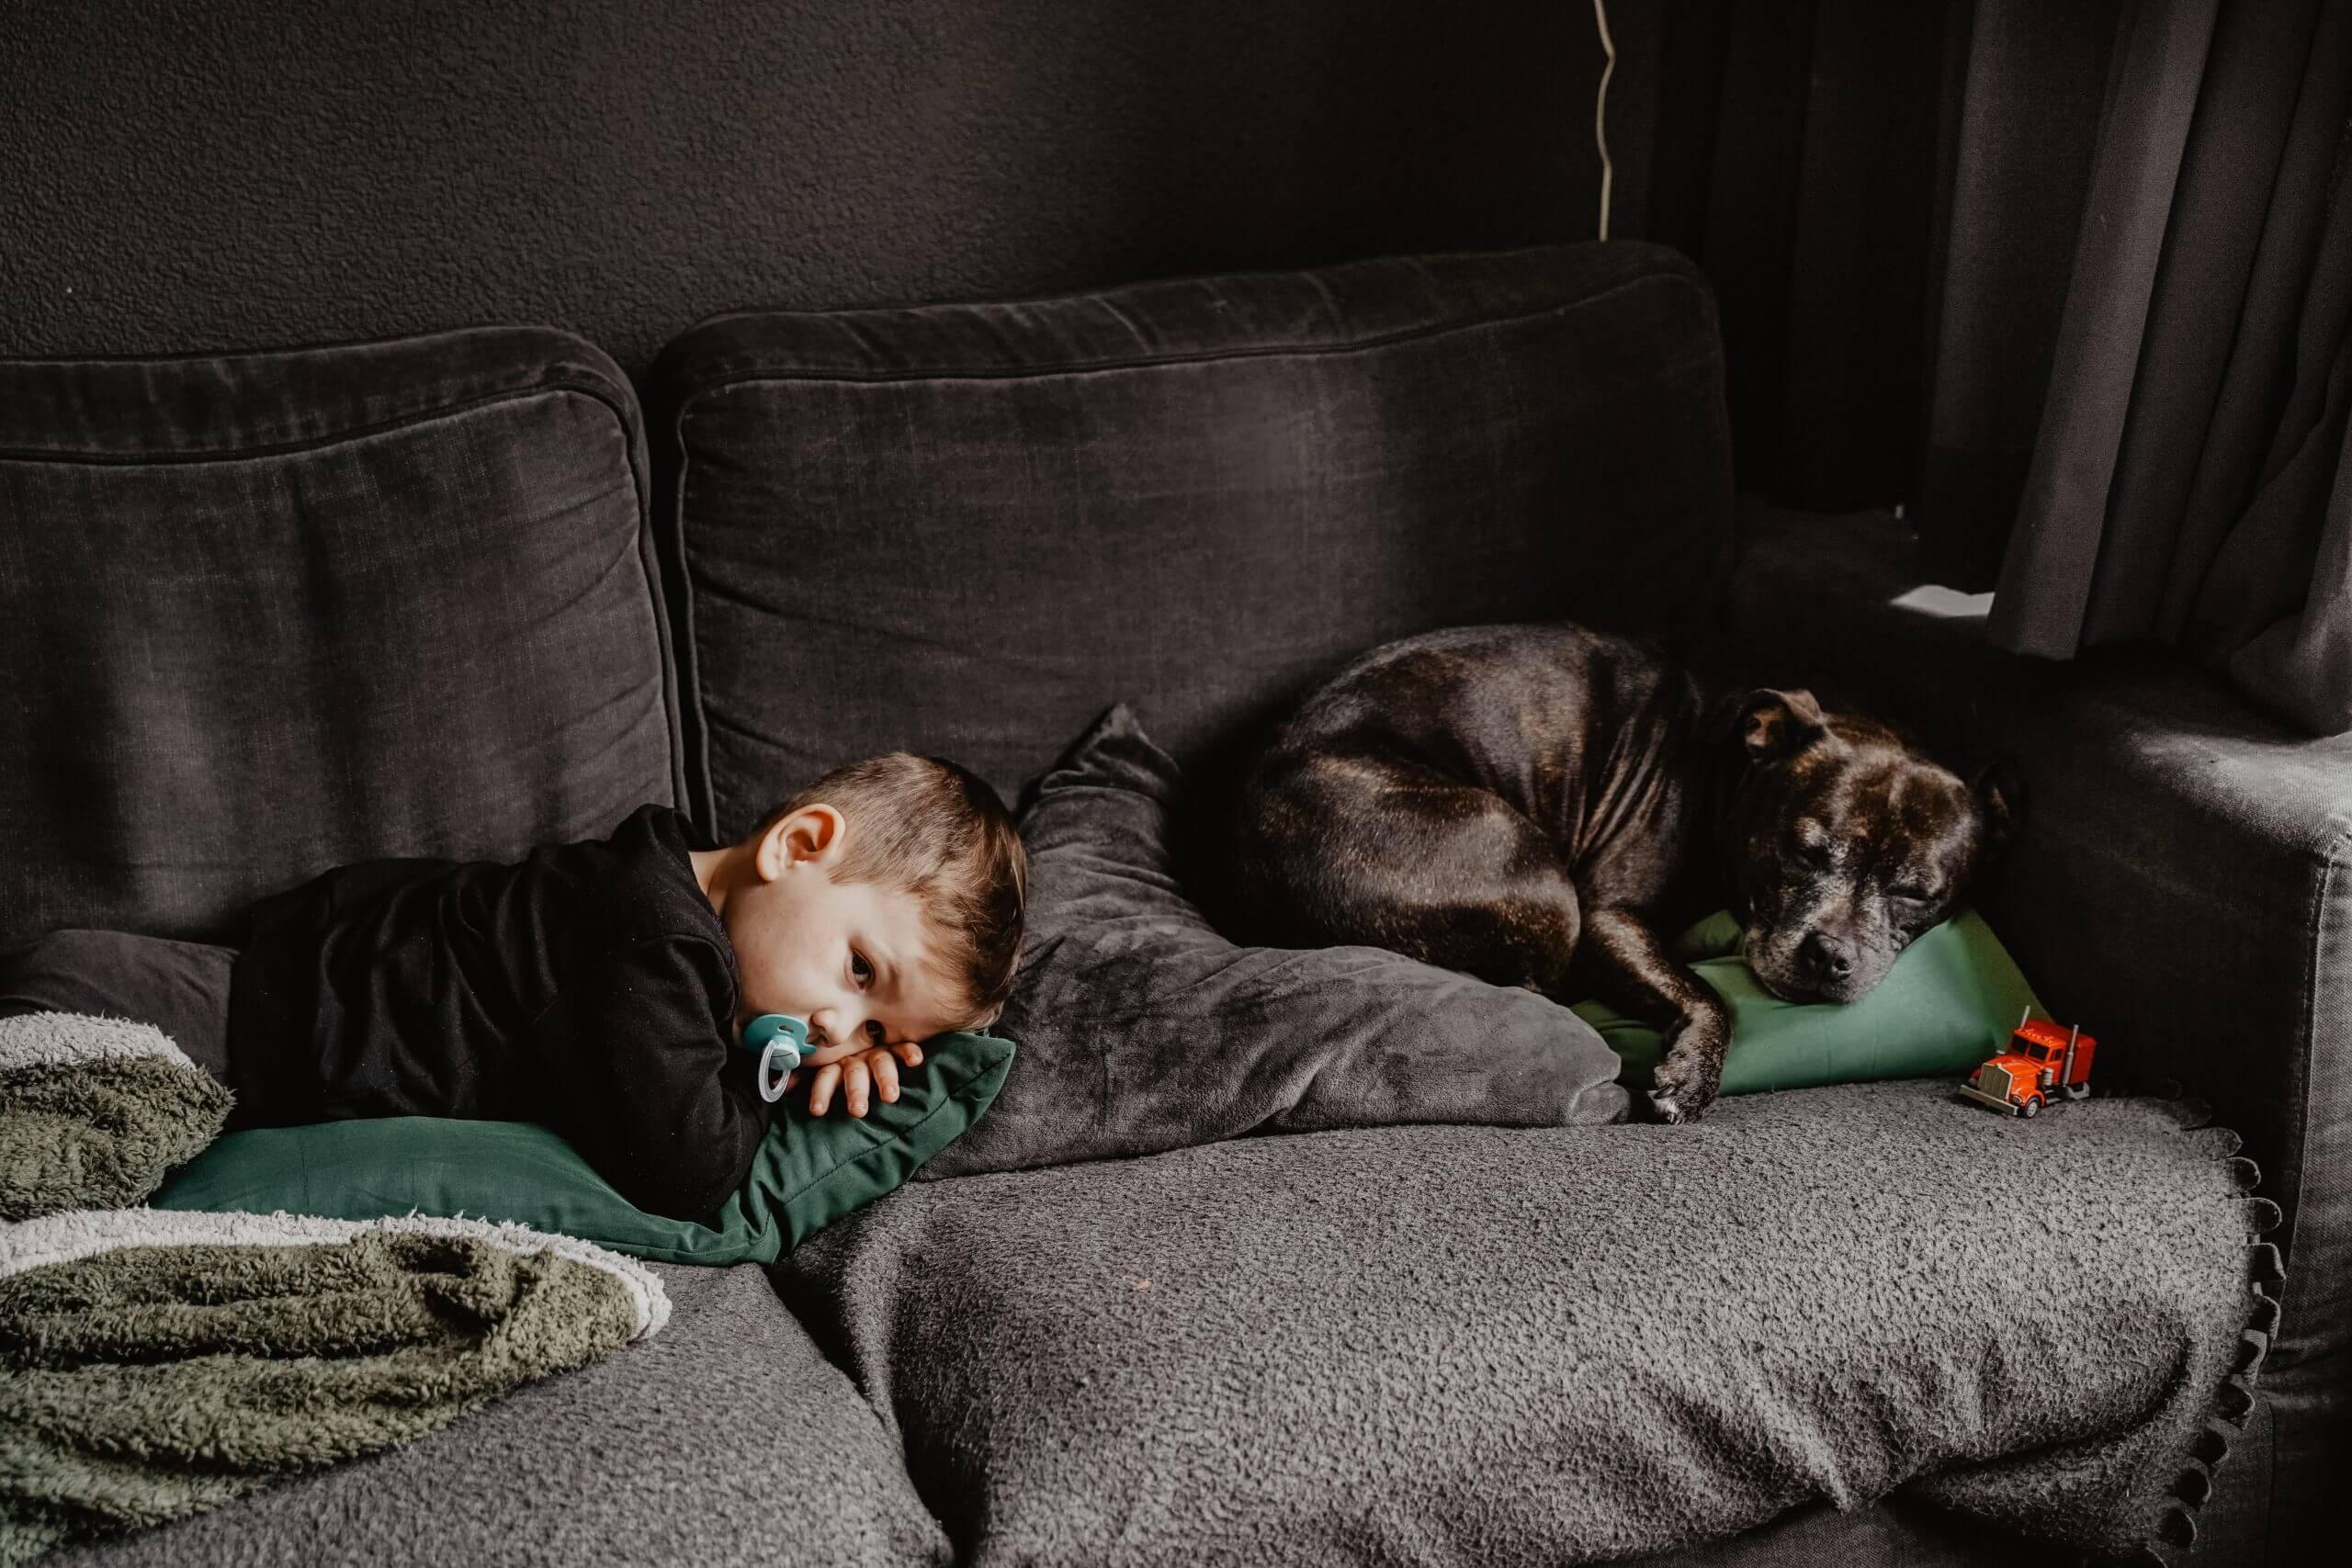 Day in the life jongen hond thuis at home Wijk bij duurstede